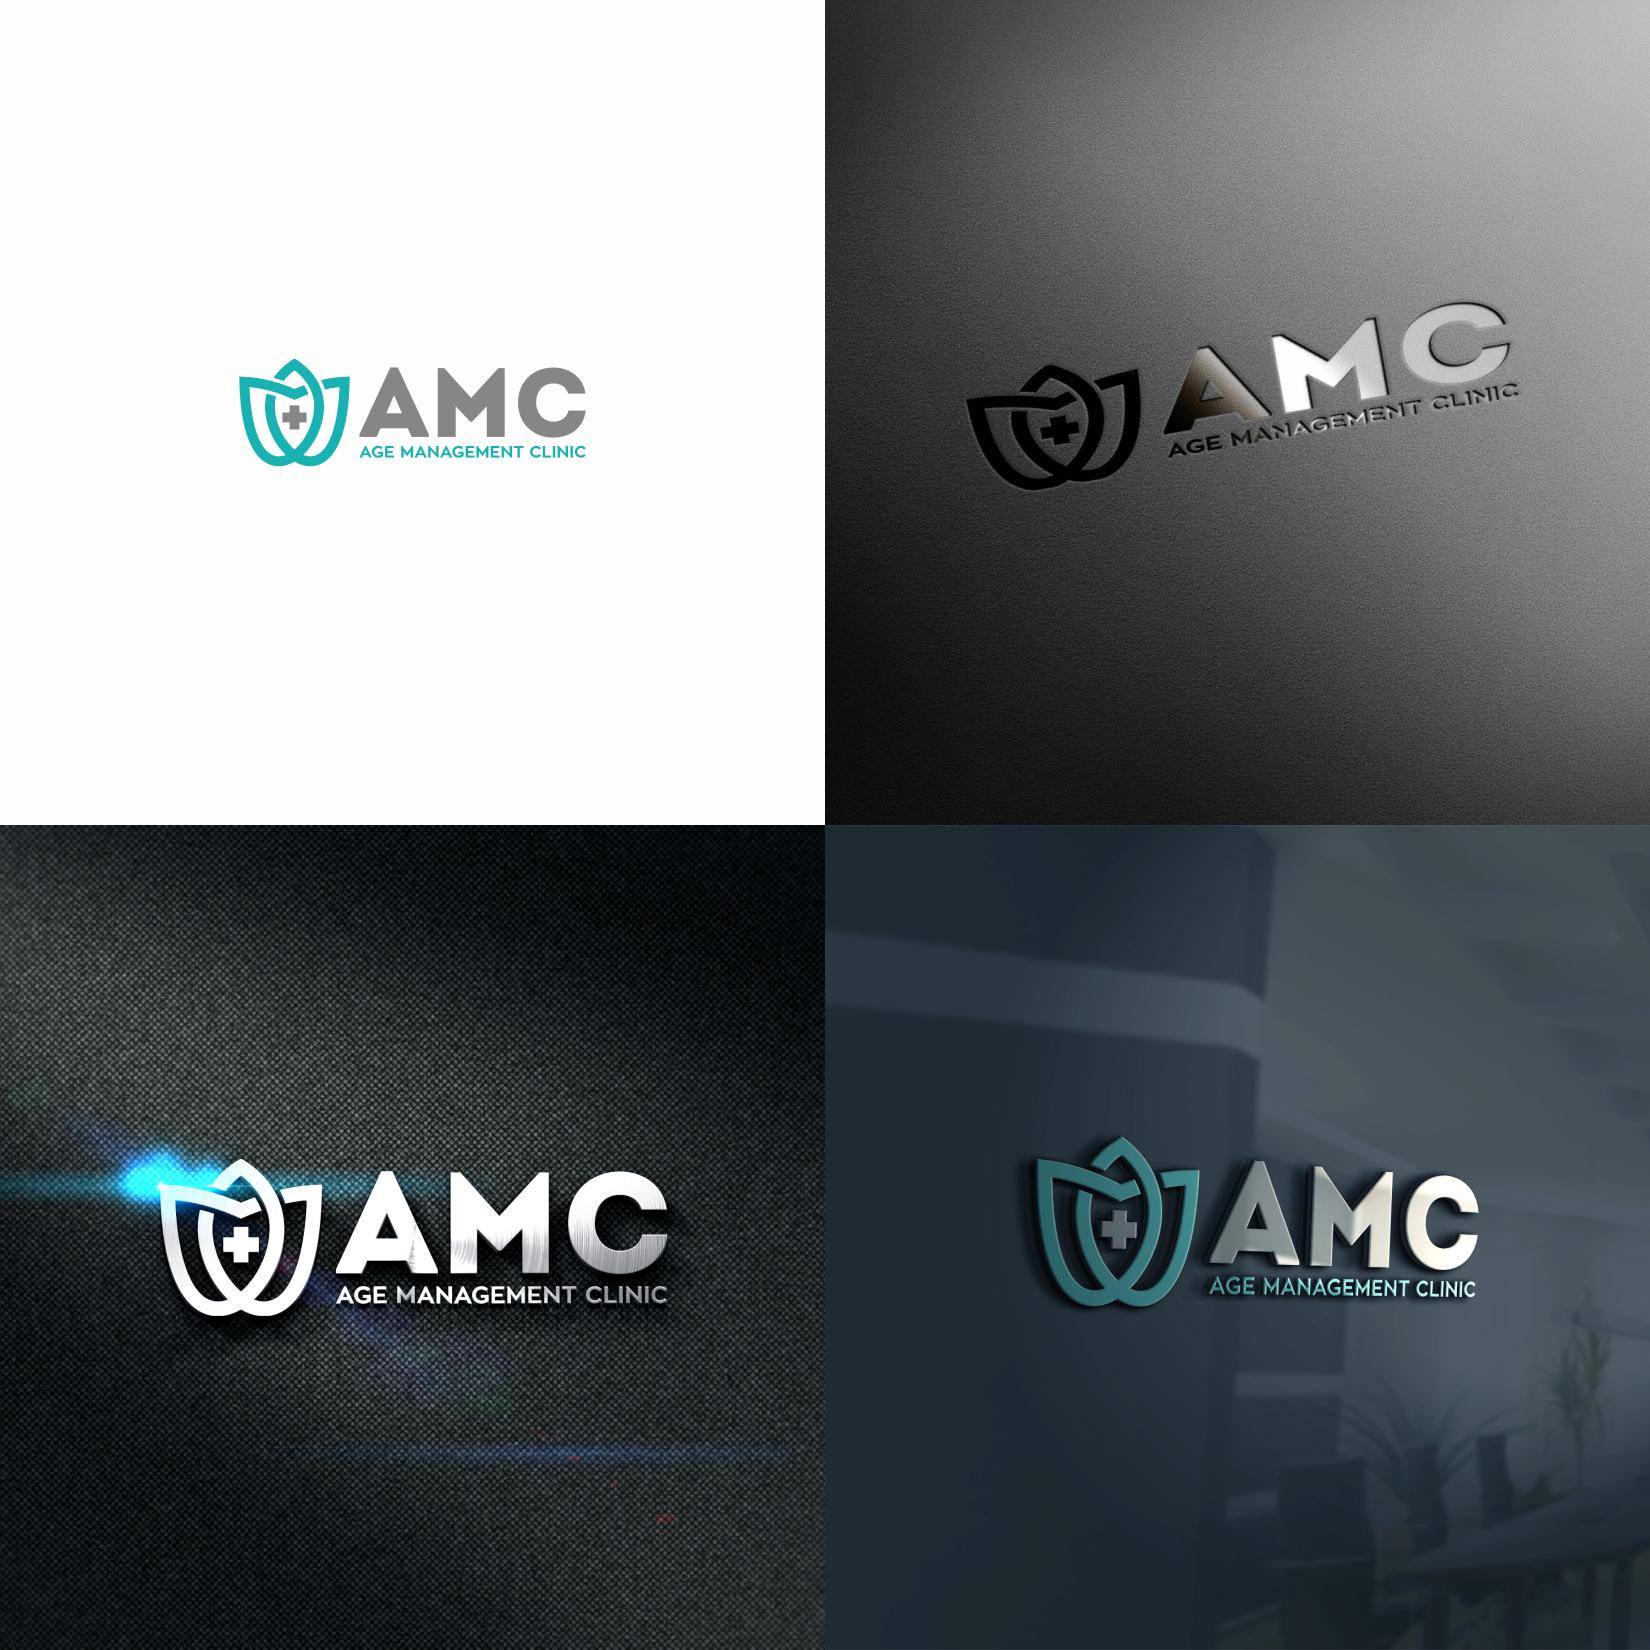 Логотип для медицинского центра (клиники)  фото f_1365ba0bacc91136.jpg